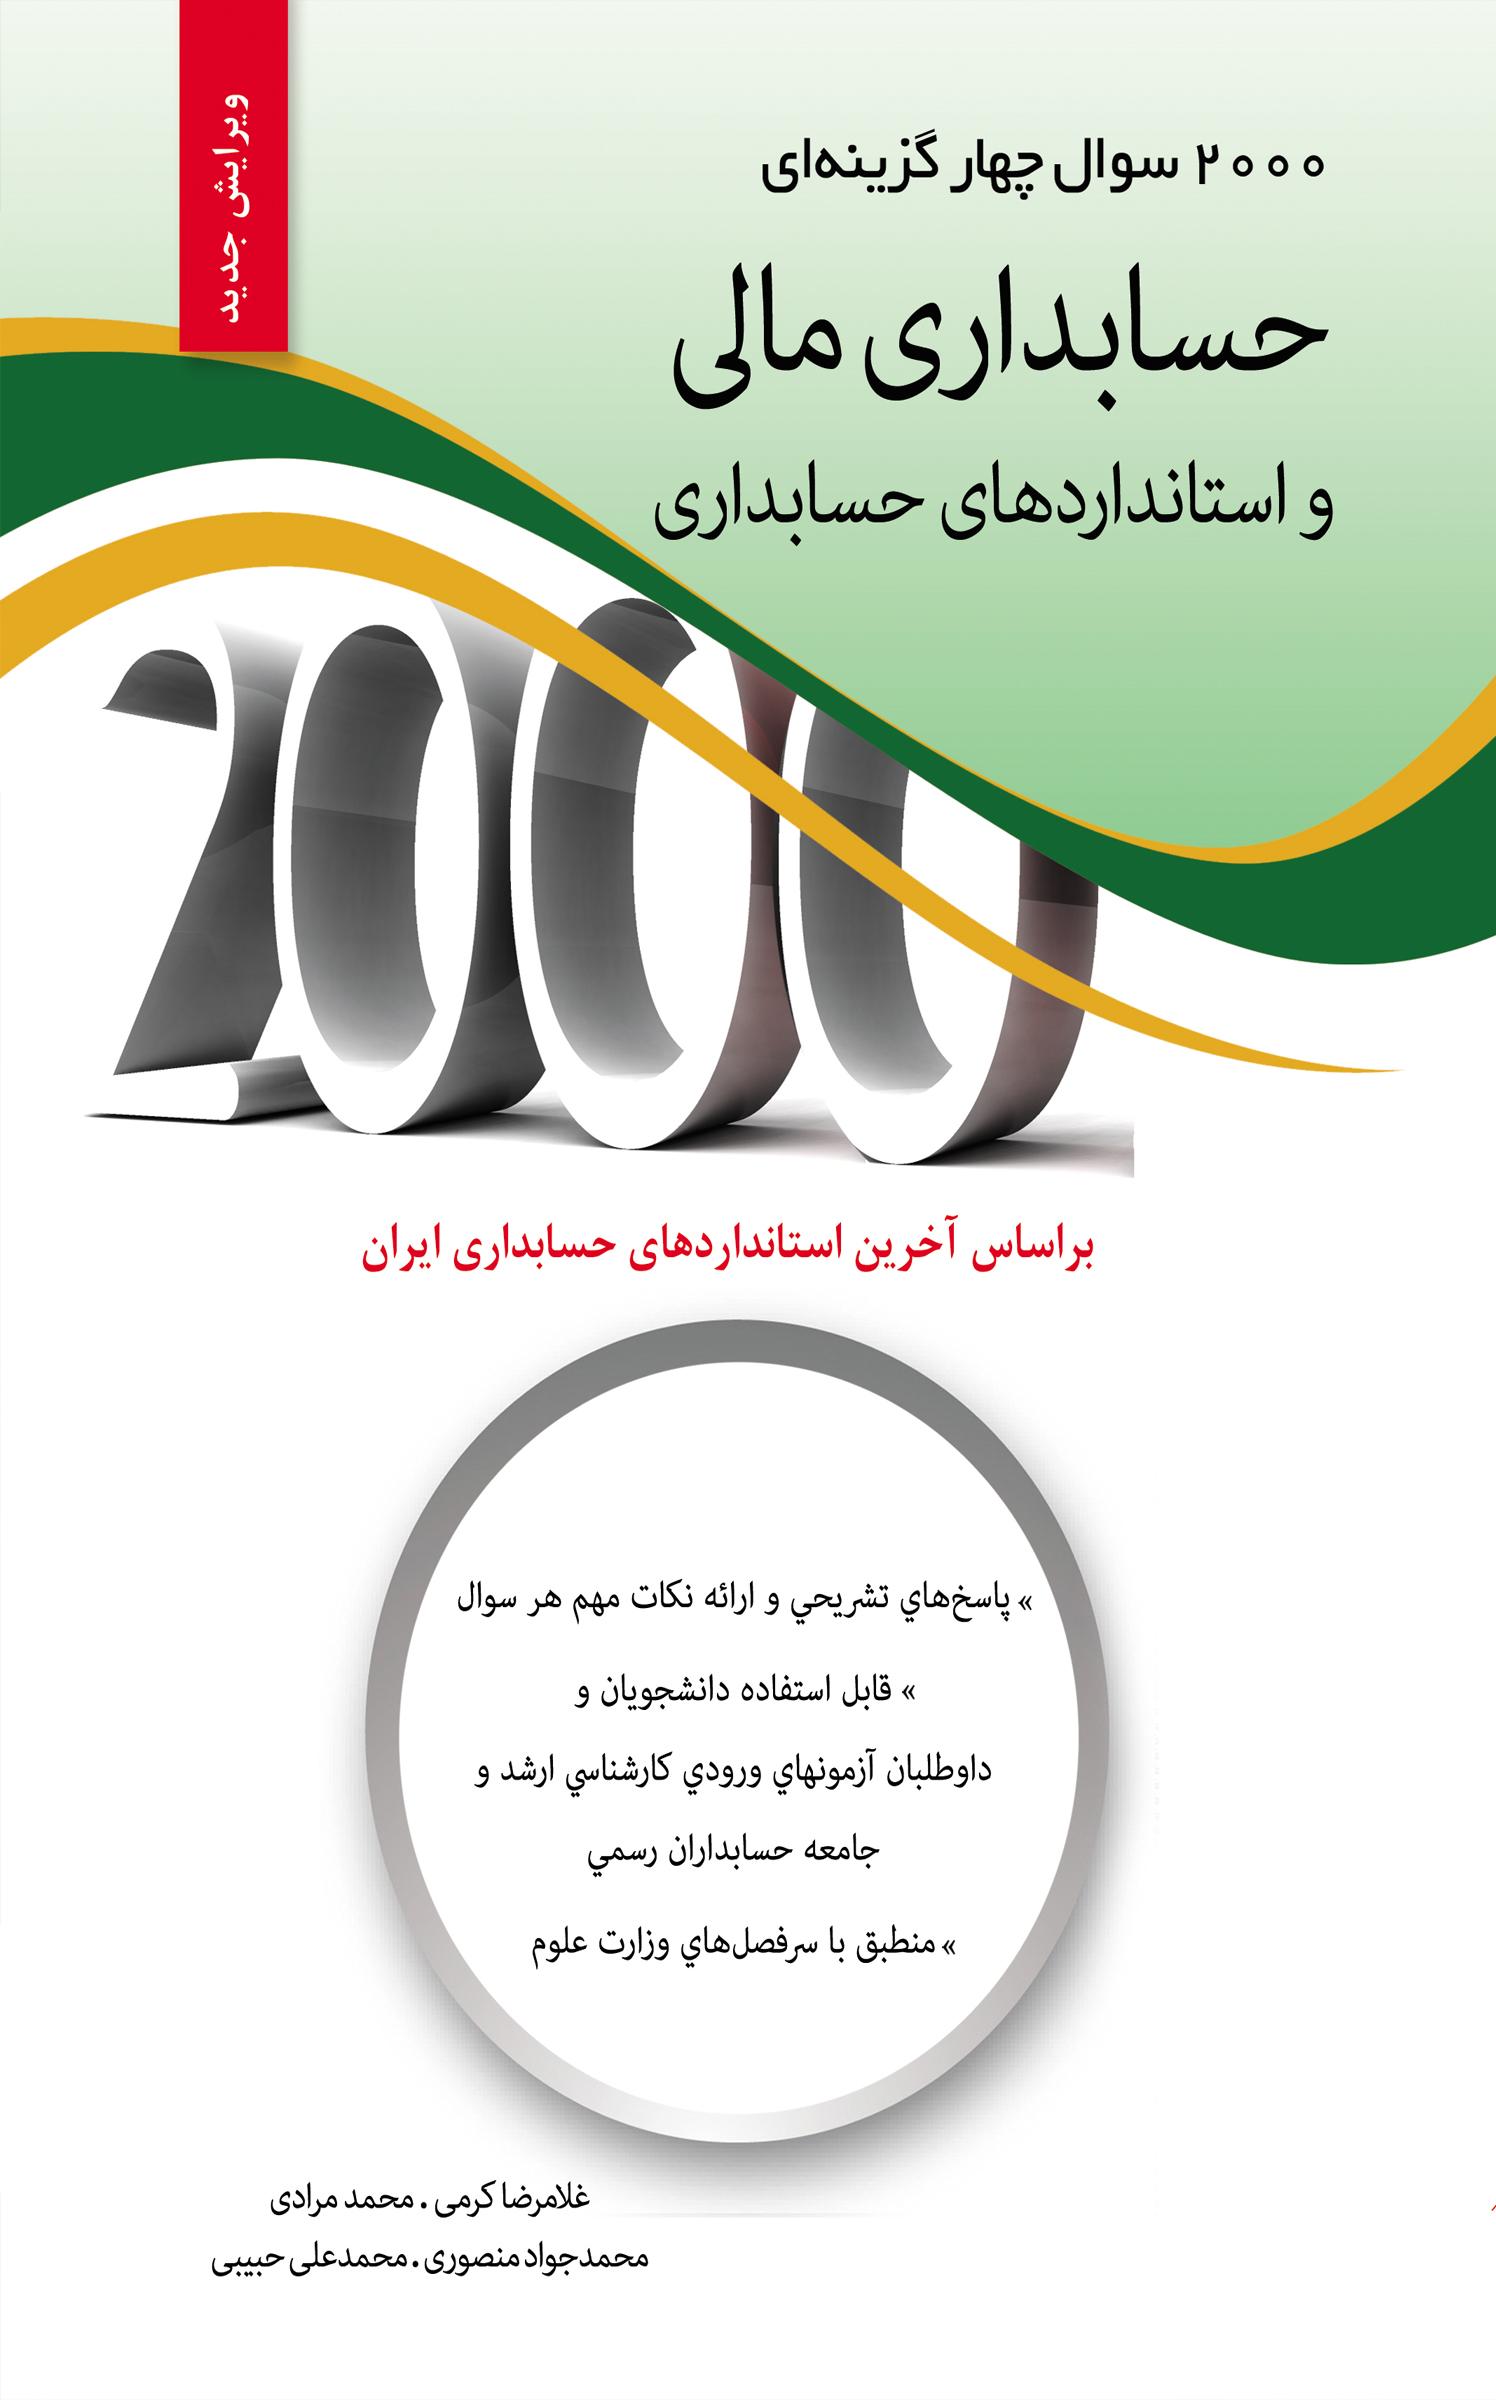 2000 سوال چهار گزینه ای حسابداری مالی و استاندارد های حسابداری